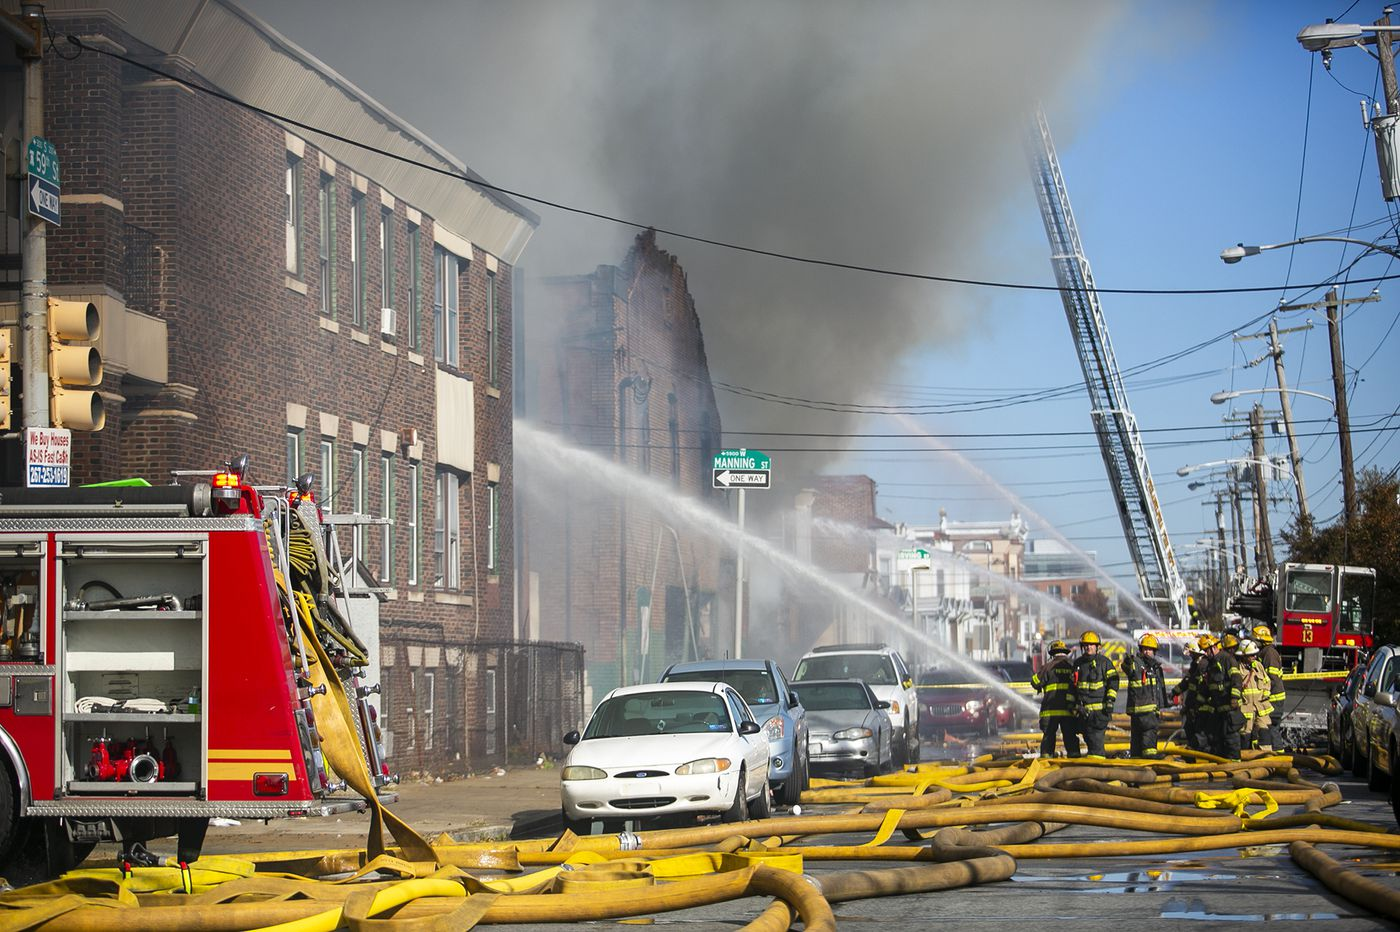 Fire burns through garage in West Philadelphia